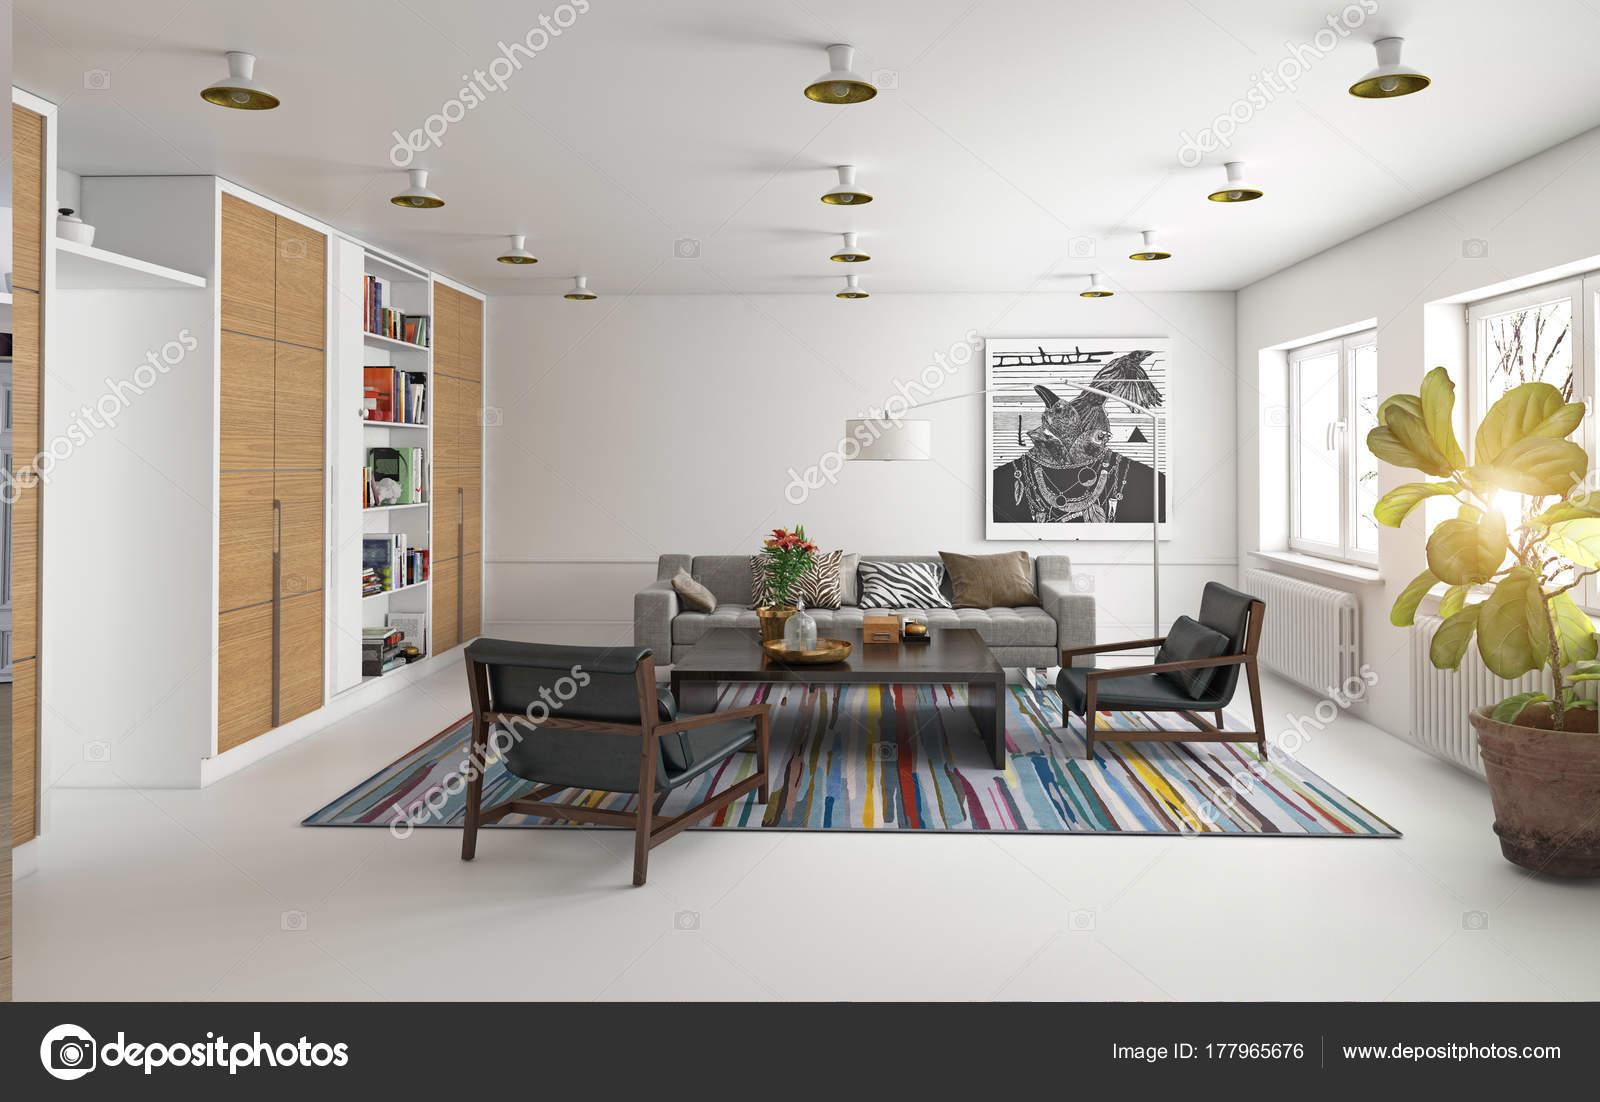 Modernes Wohndesign Rendering Innenraum Konzept — Stockfoto ...